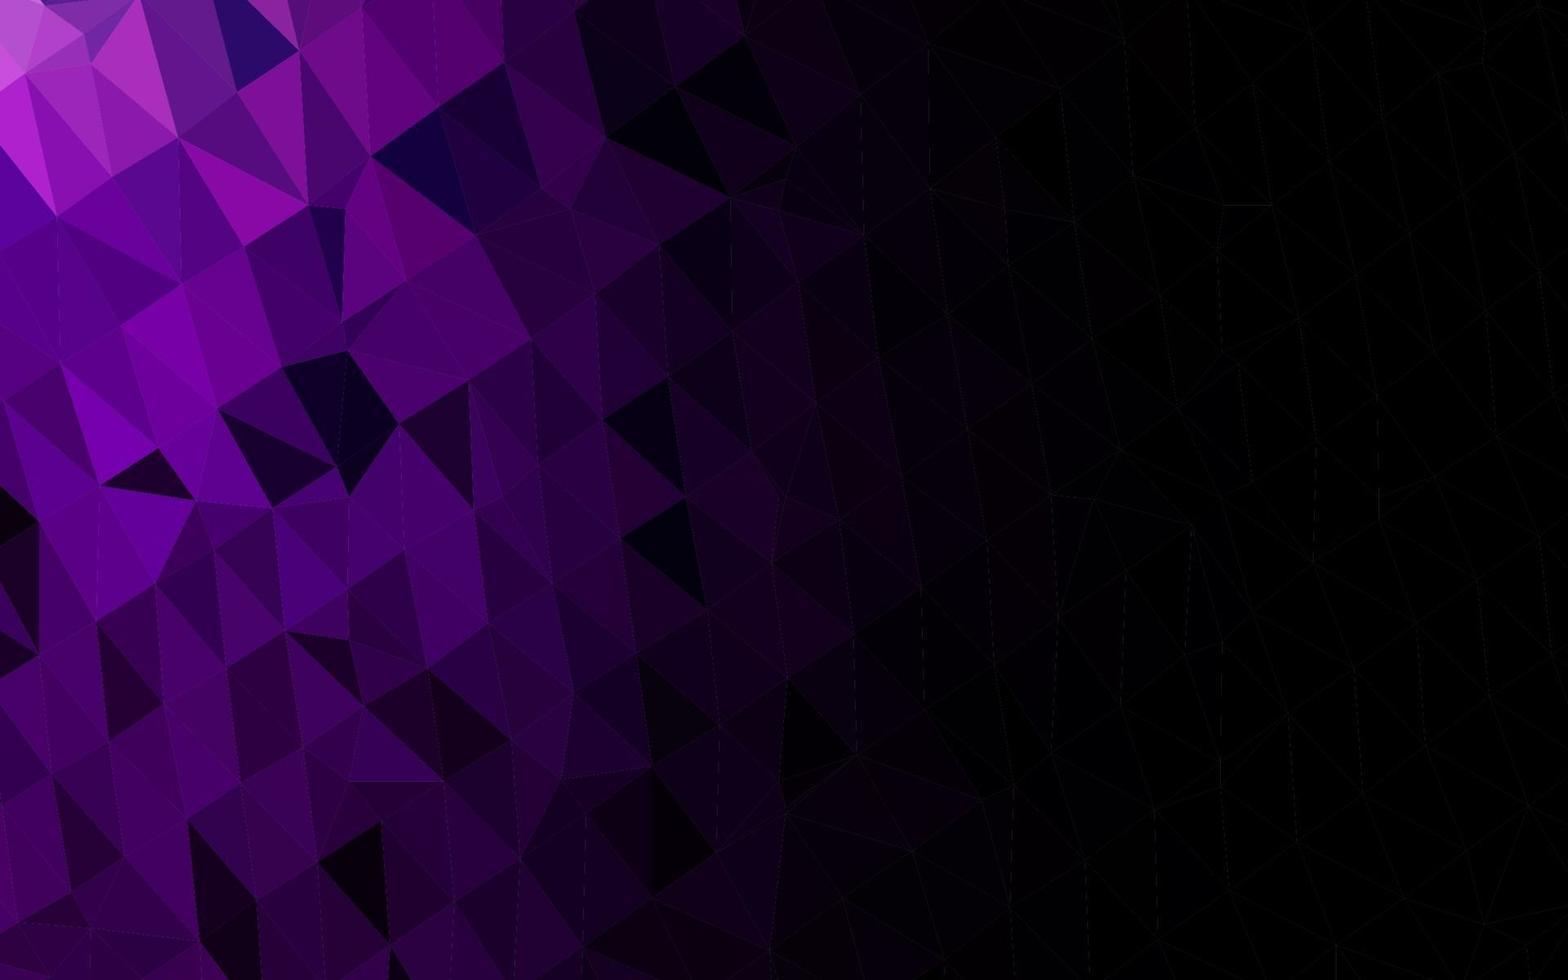 textura do mosaico do triângulo do vetor roxo escuro.